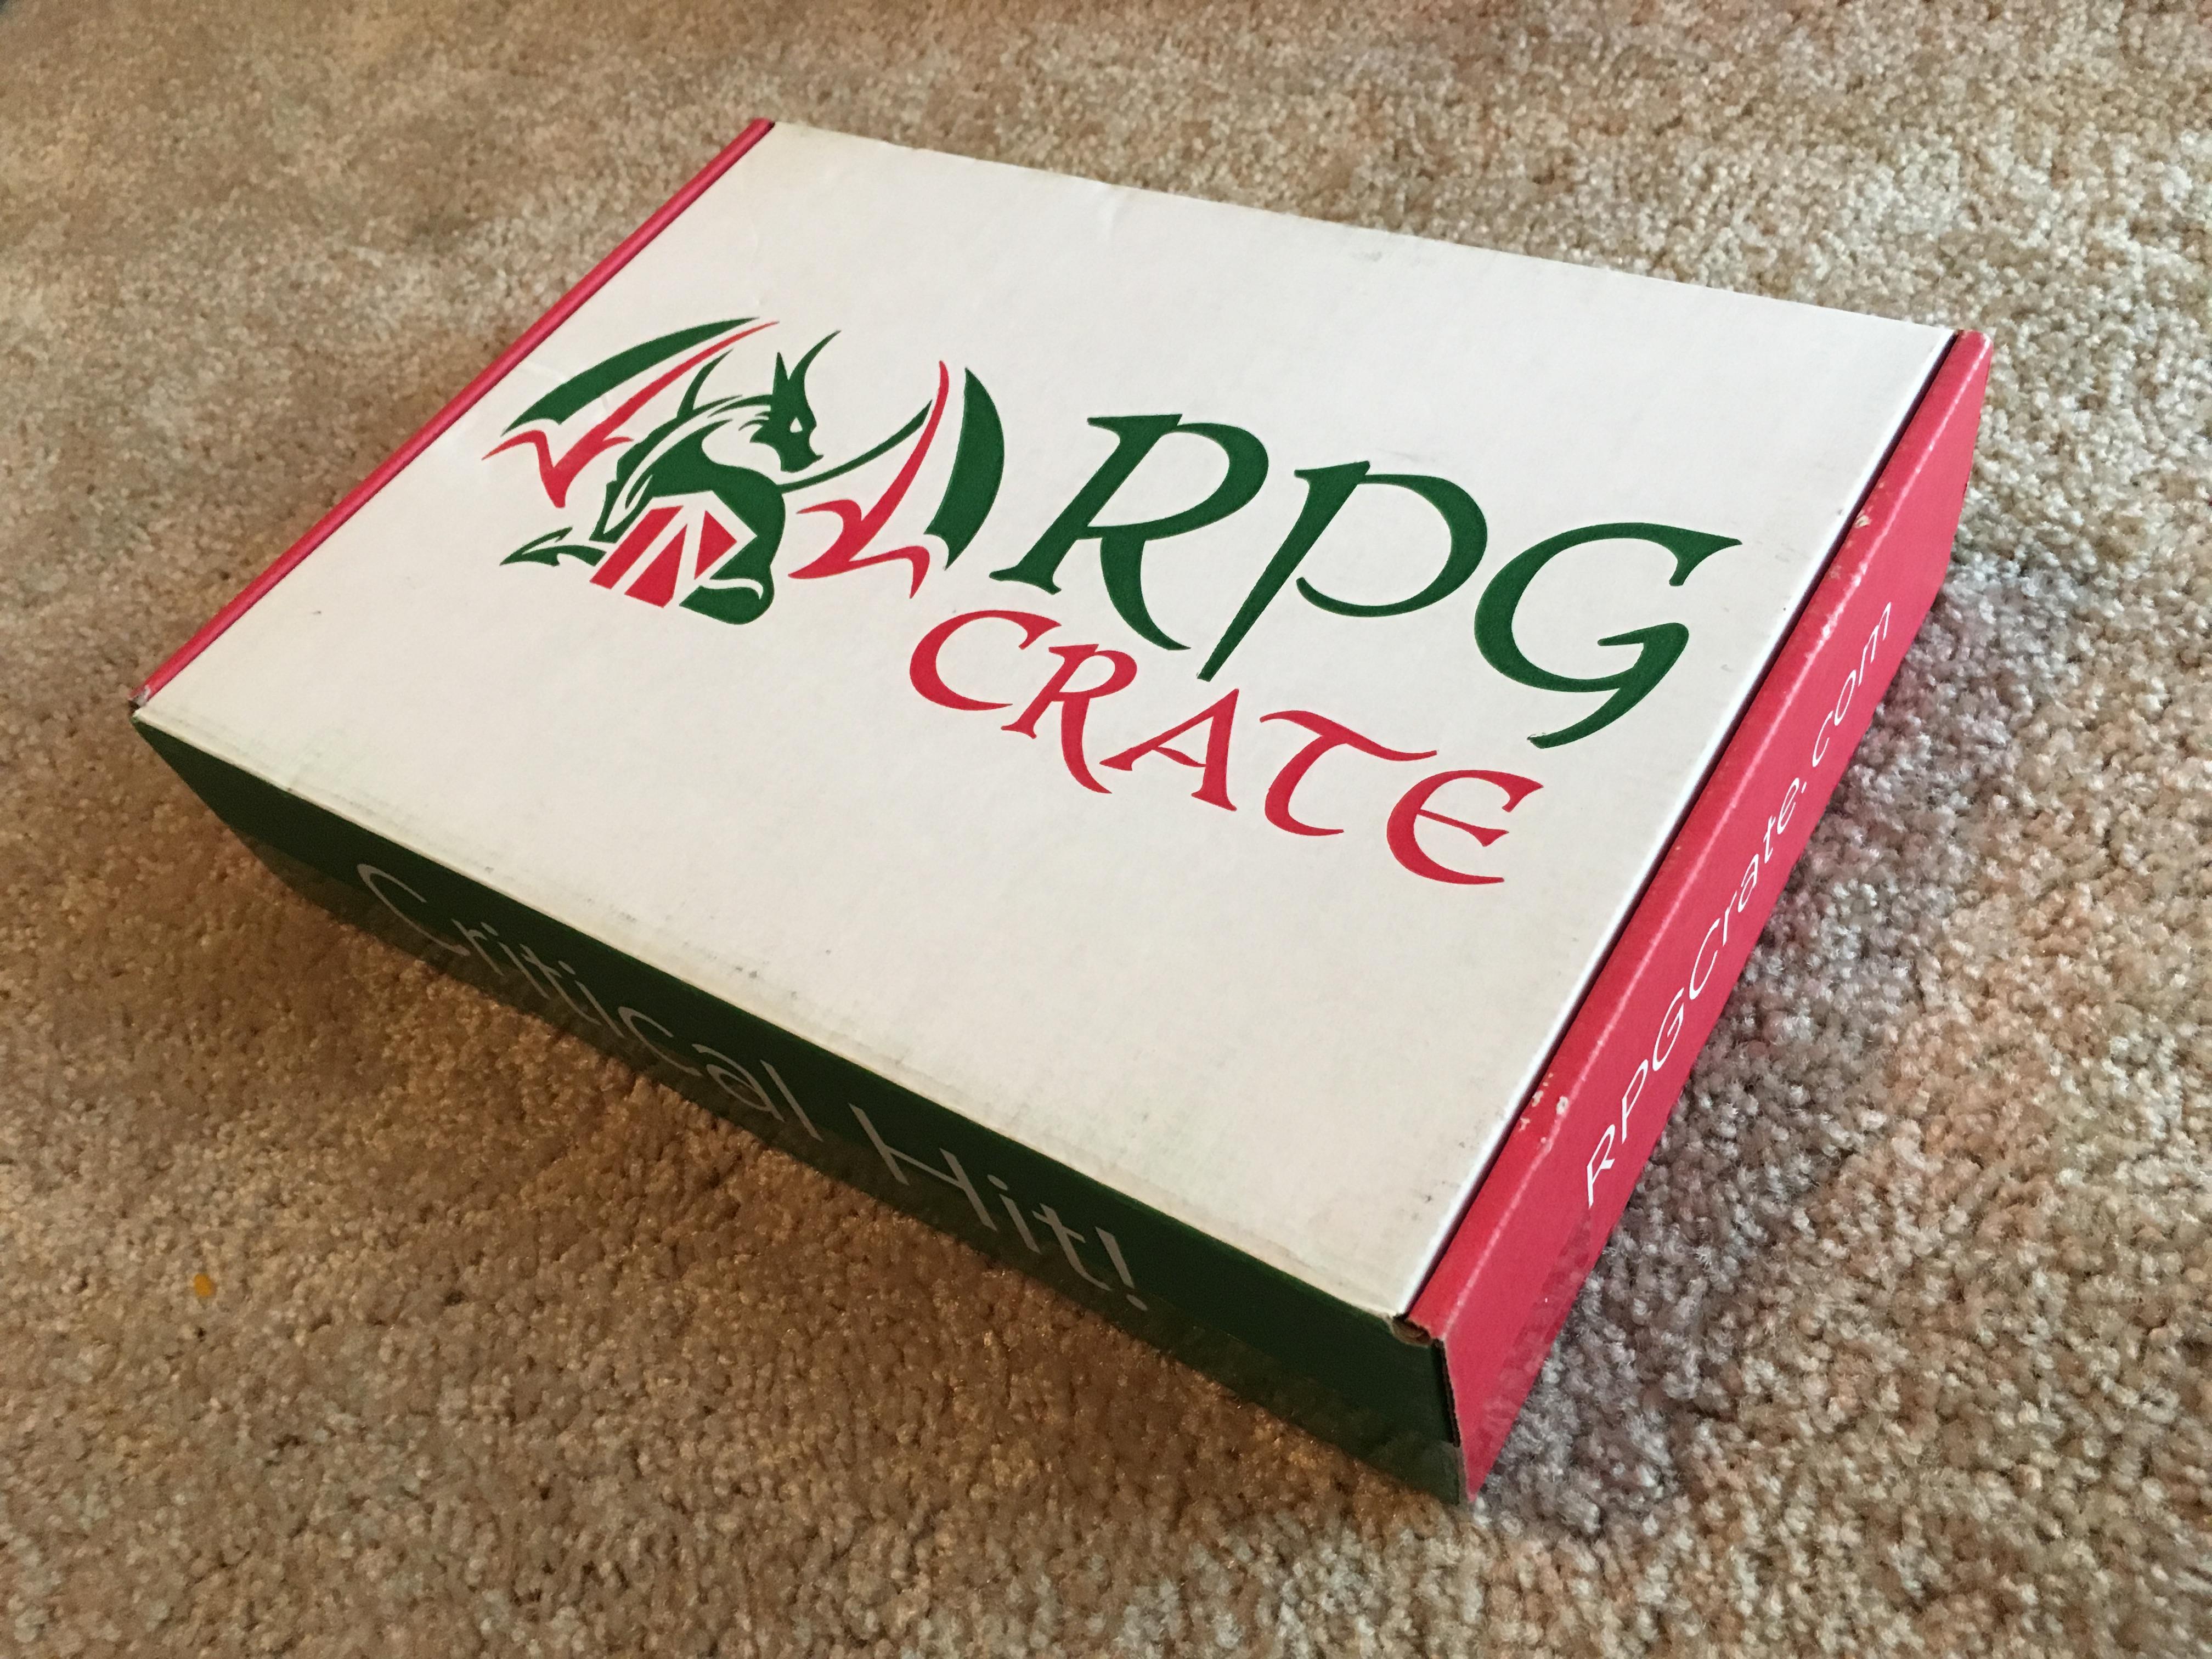 RPG Crate Box